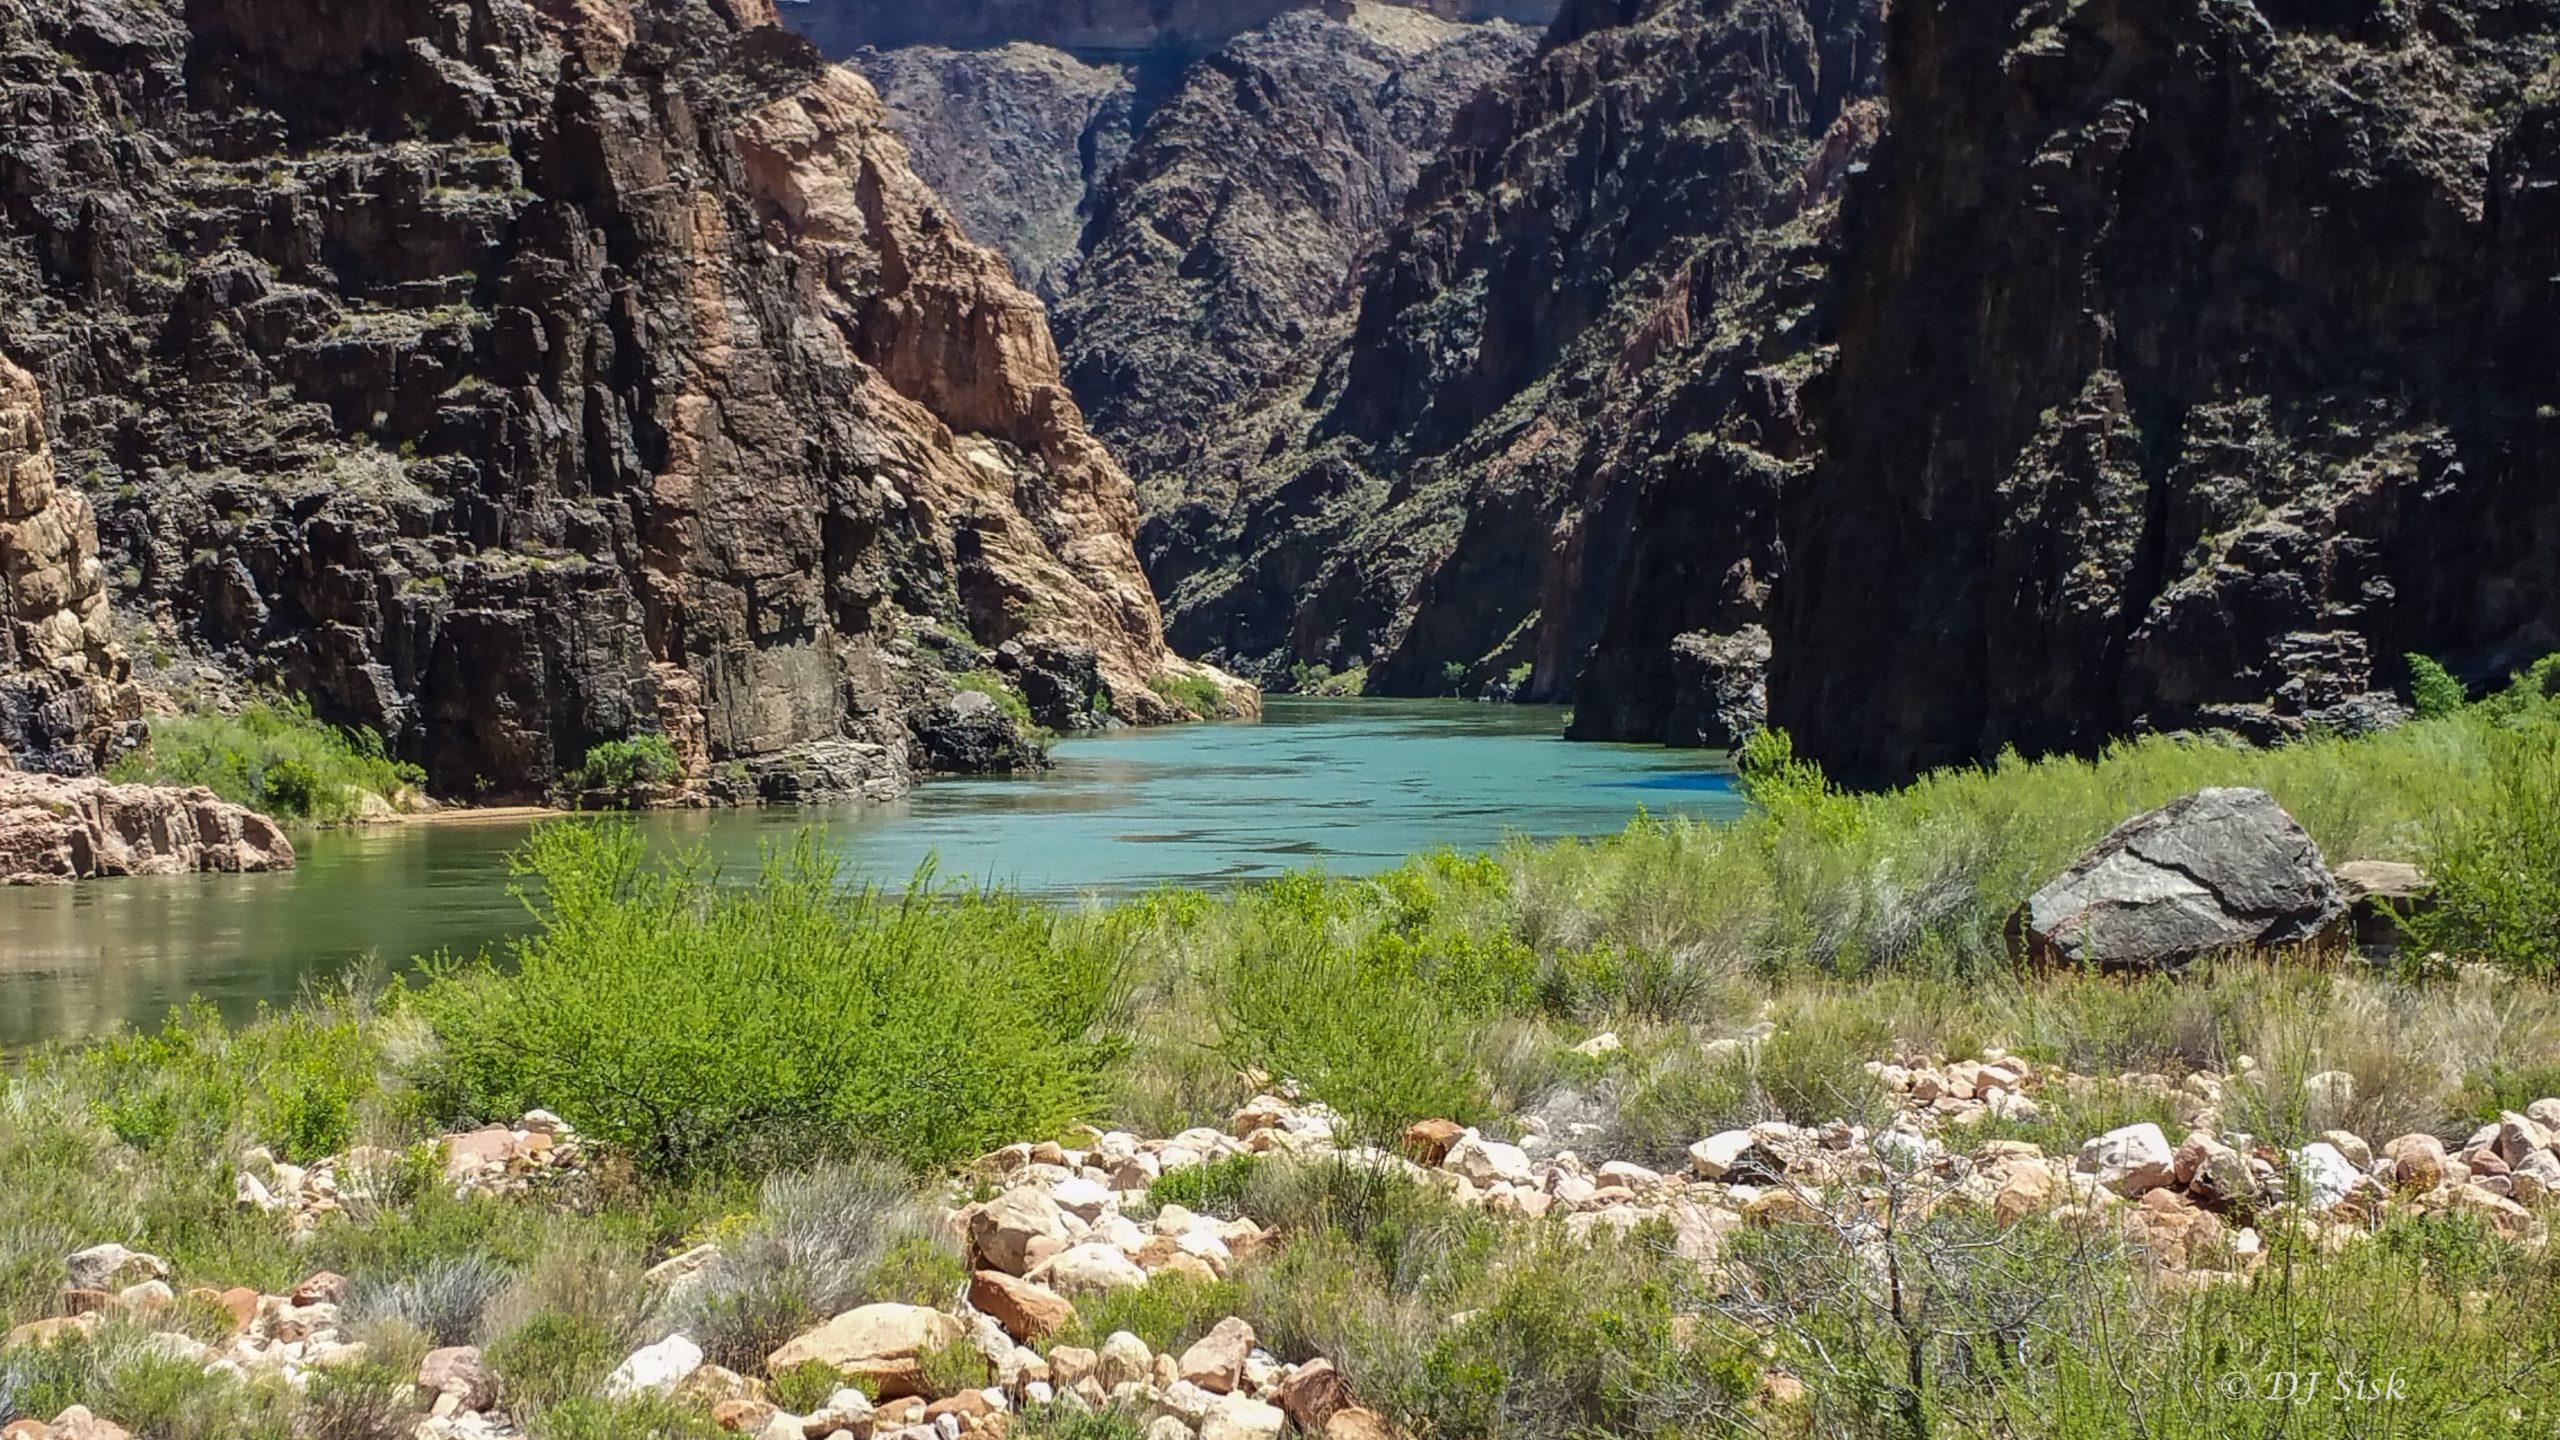 Colorado River at Bottom of Grand Canyon